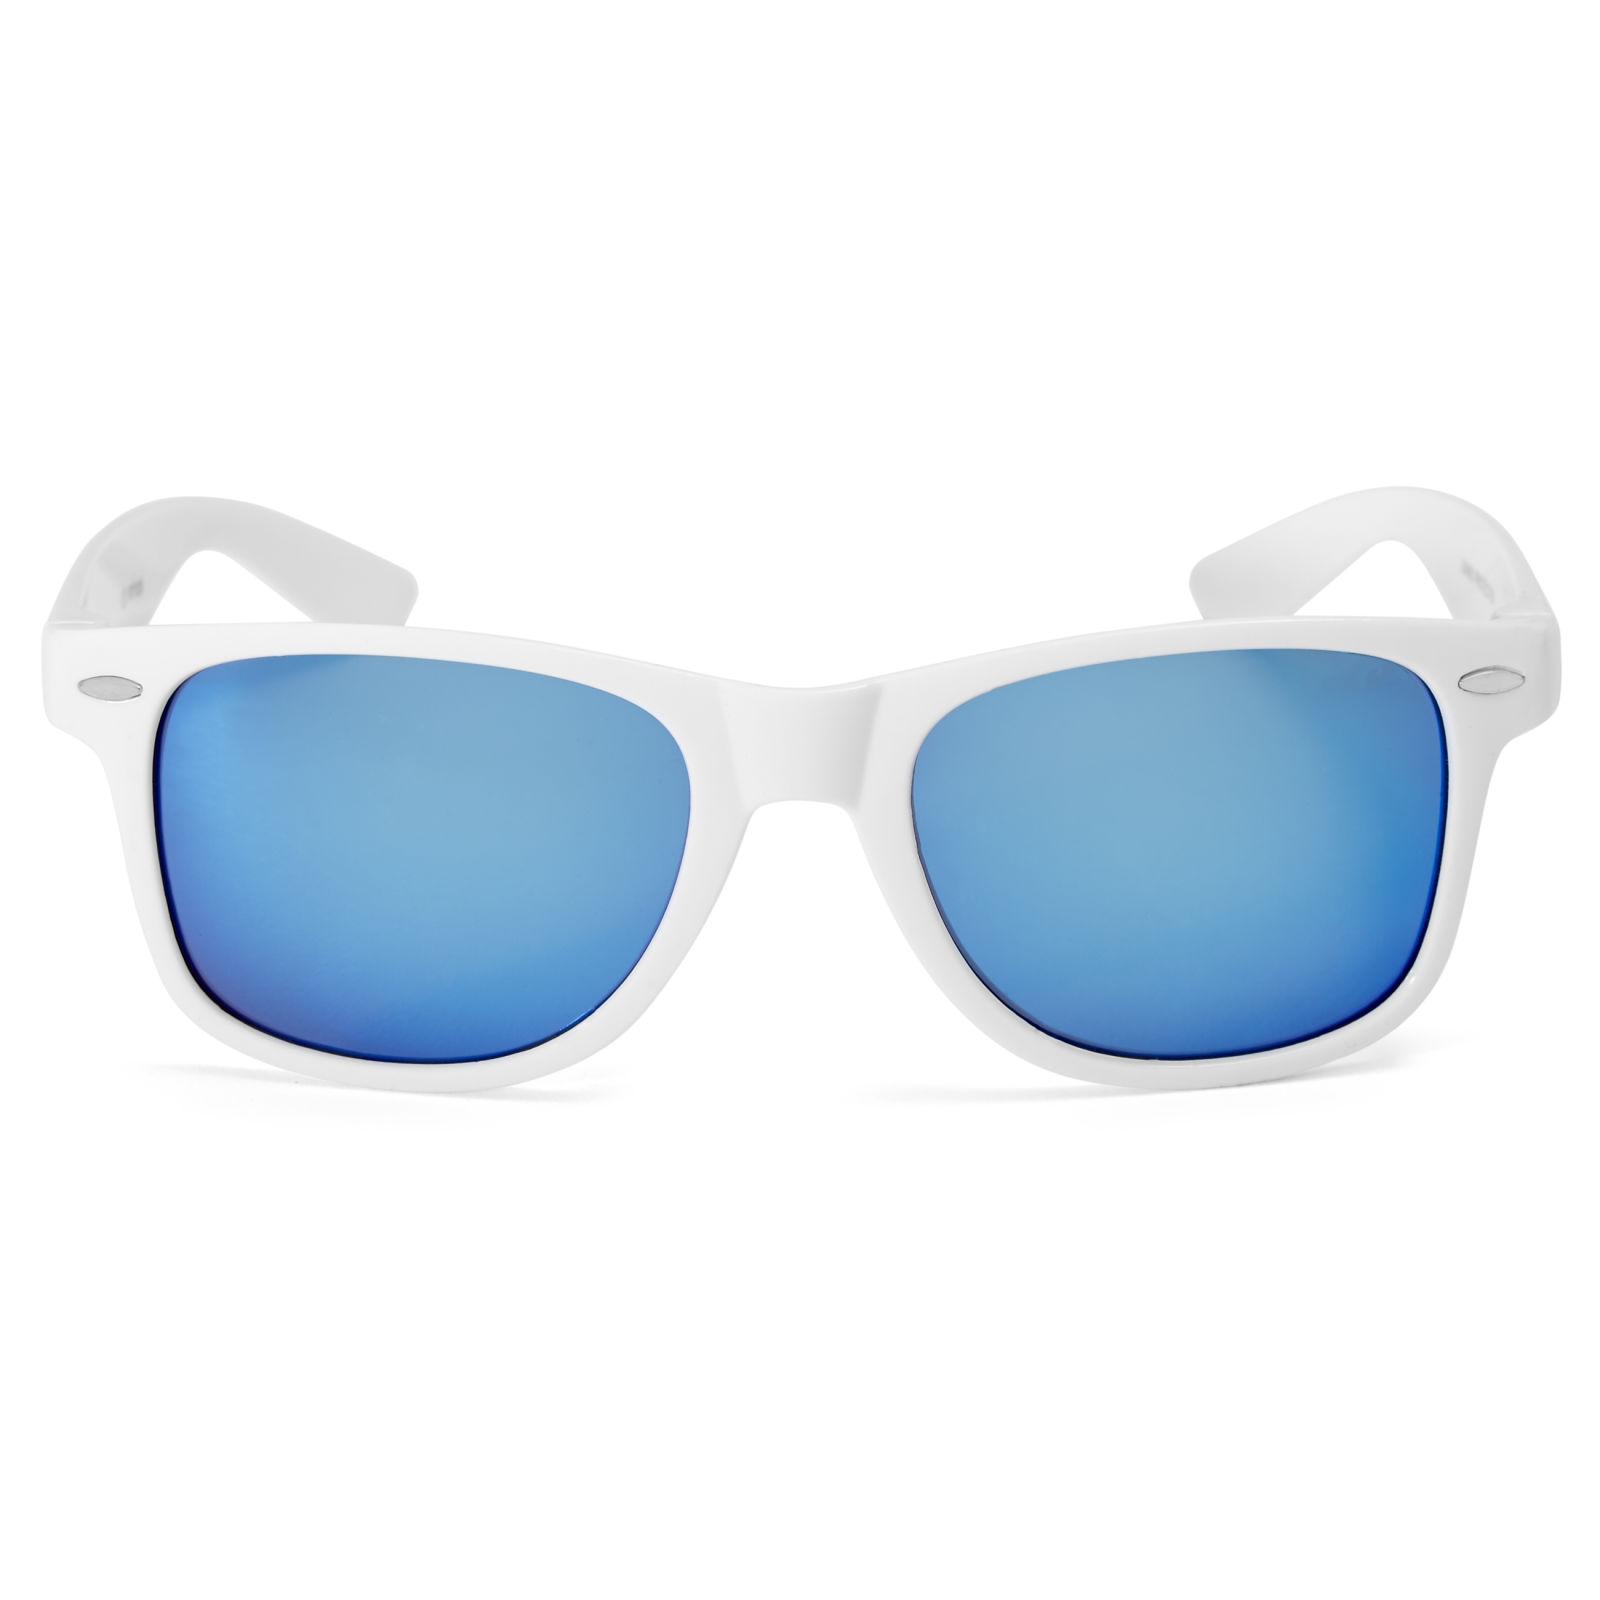 Dinamikus kék lencsés napszemüveg fehér kerettel  9cbd2b2202